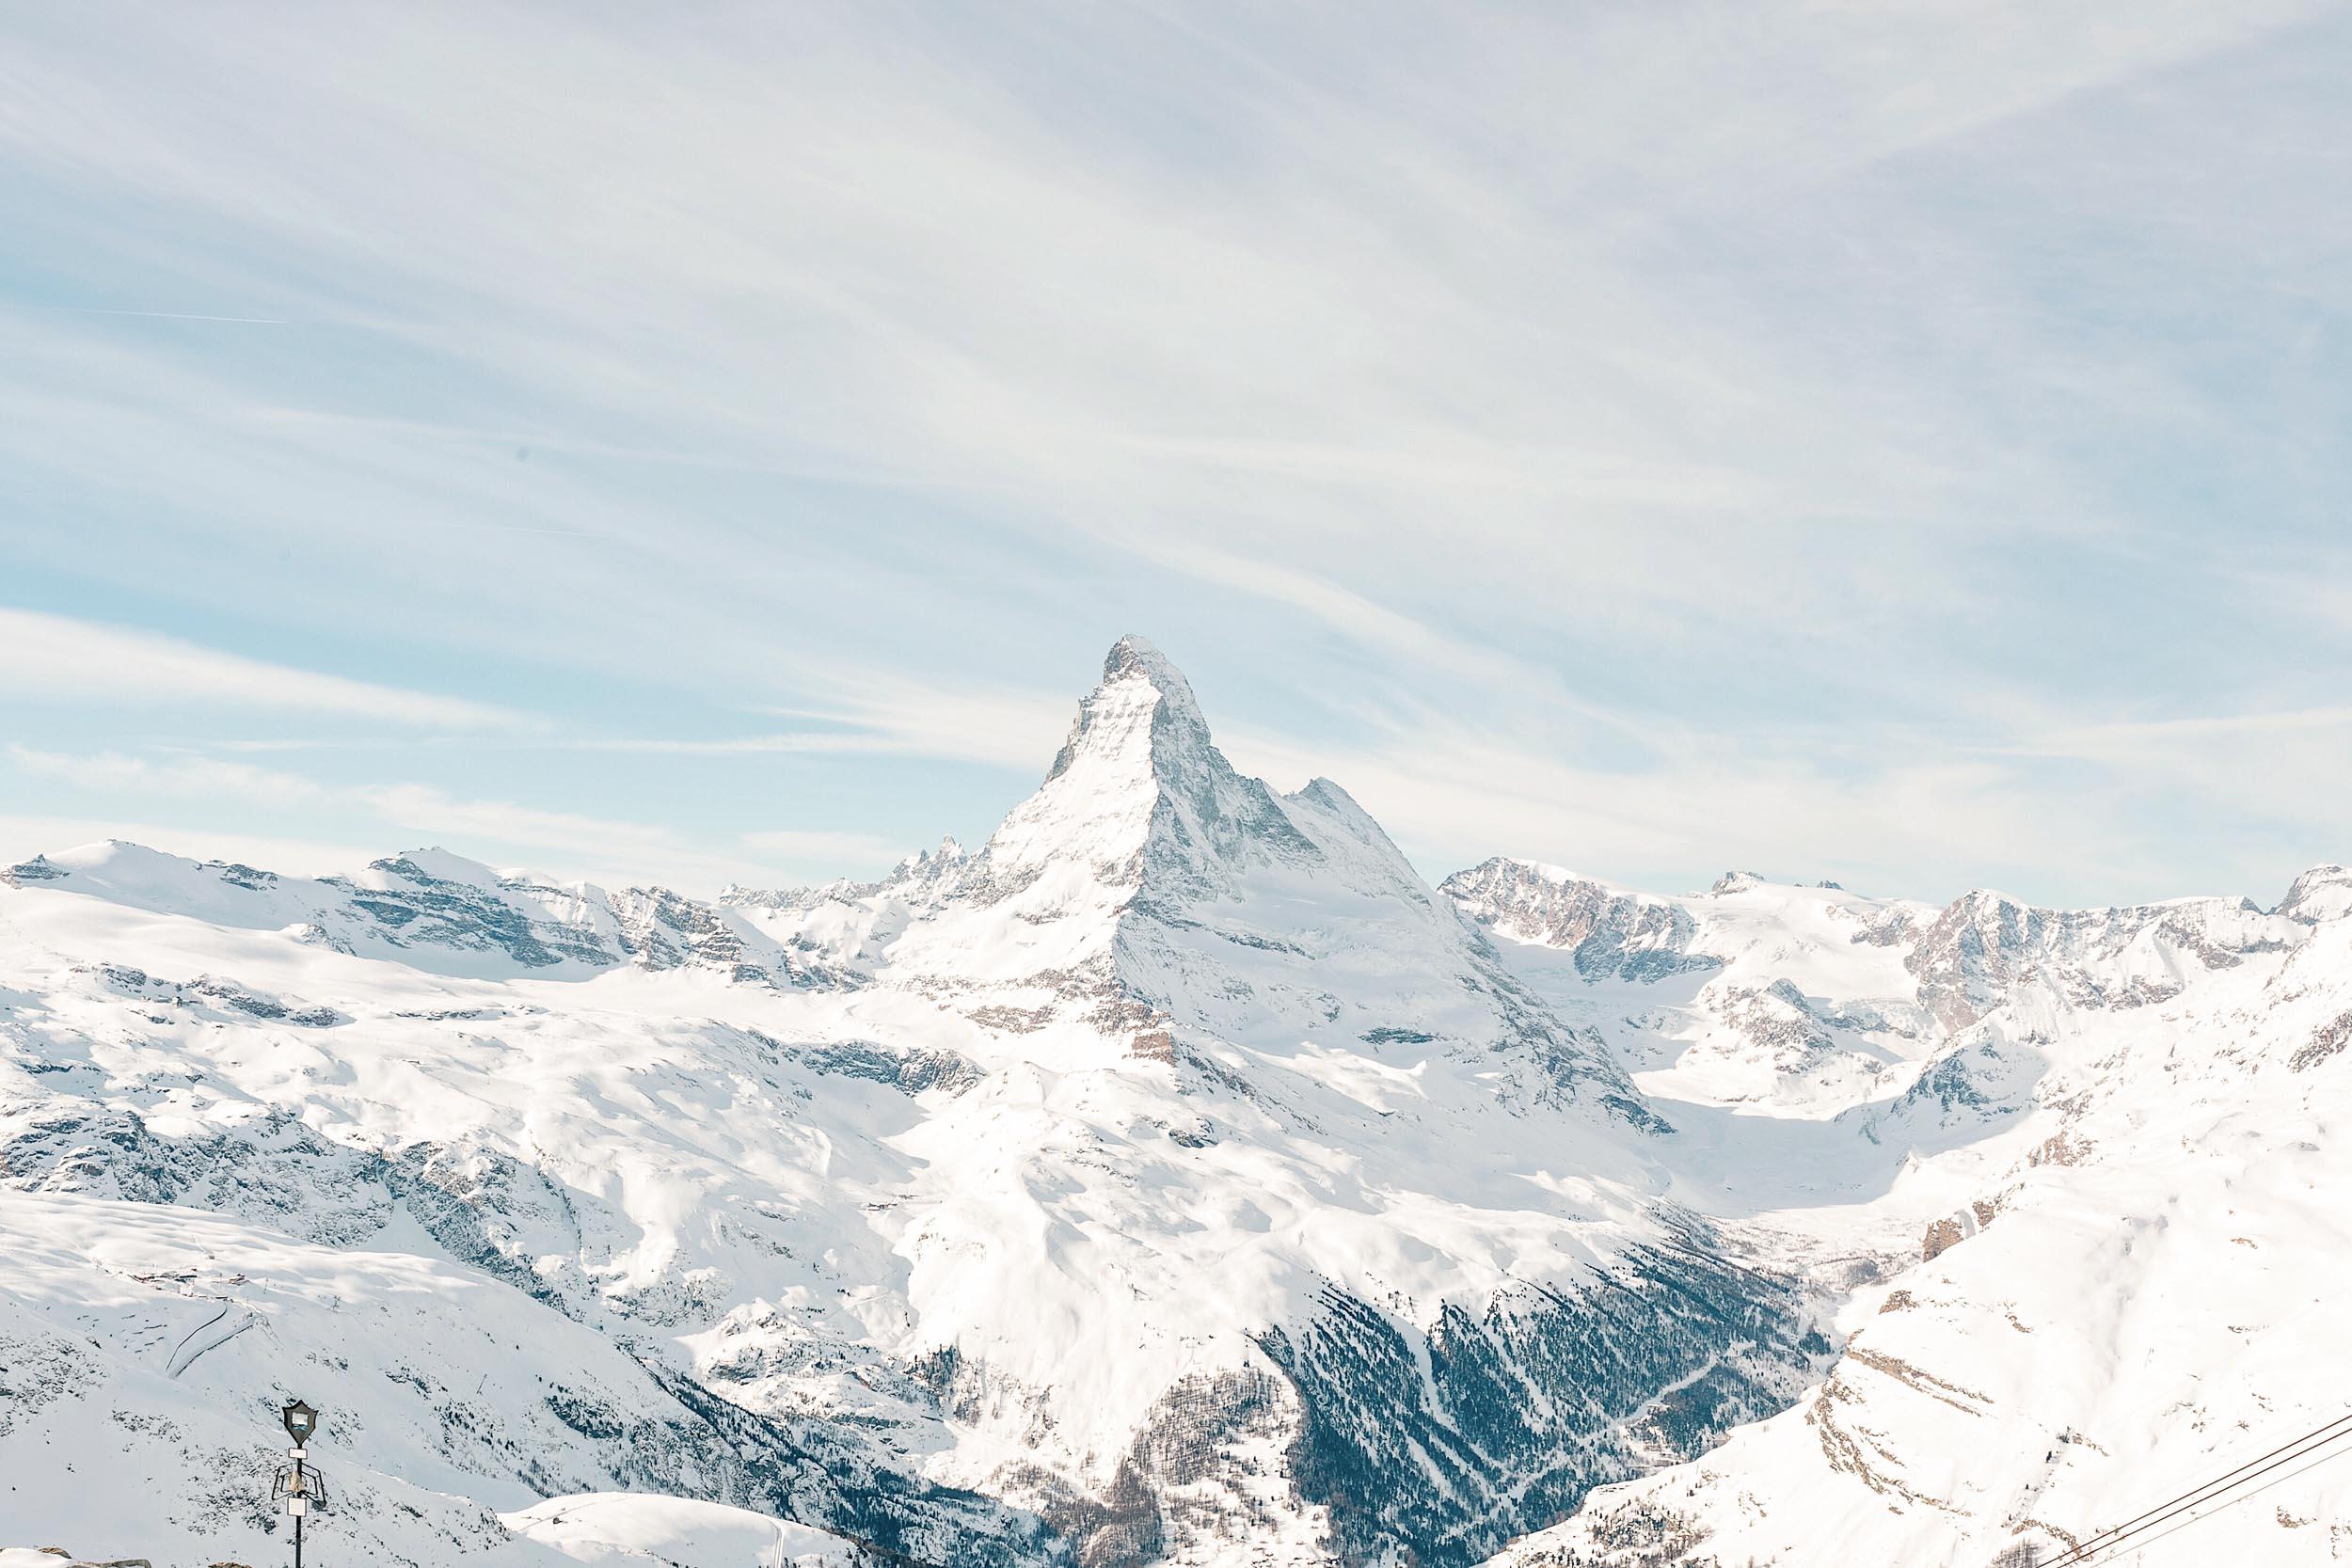 Zermatt, home of the Matterhorn and the perfect winter escape!